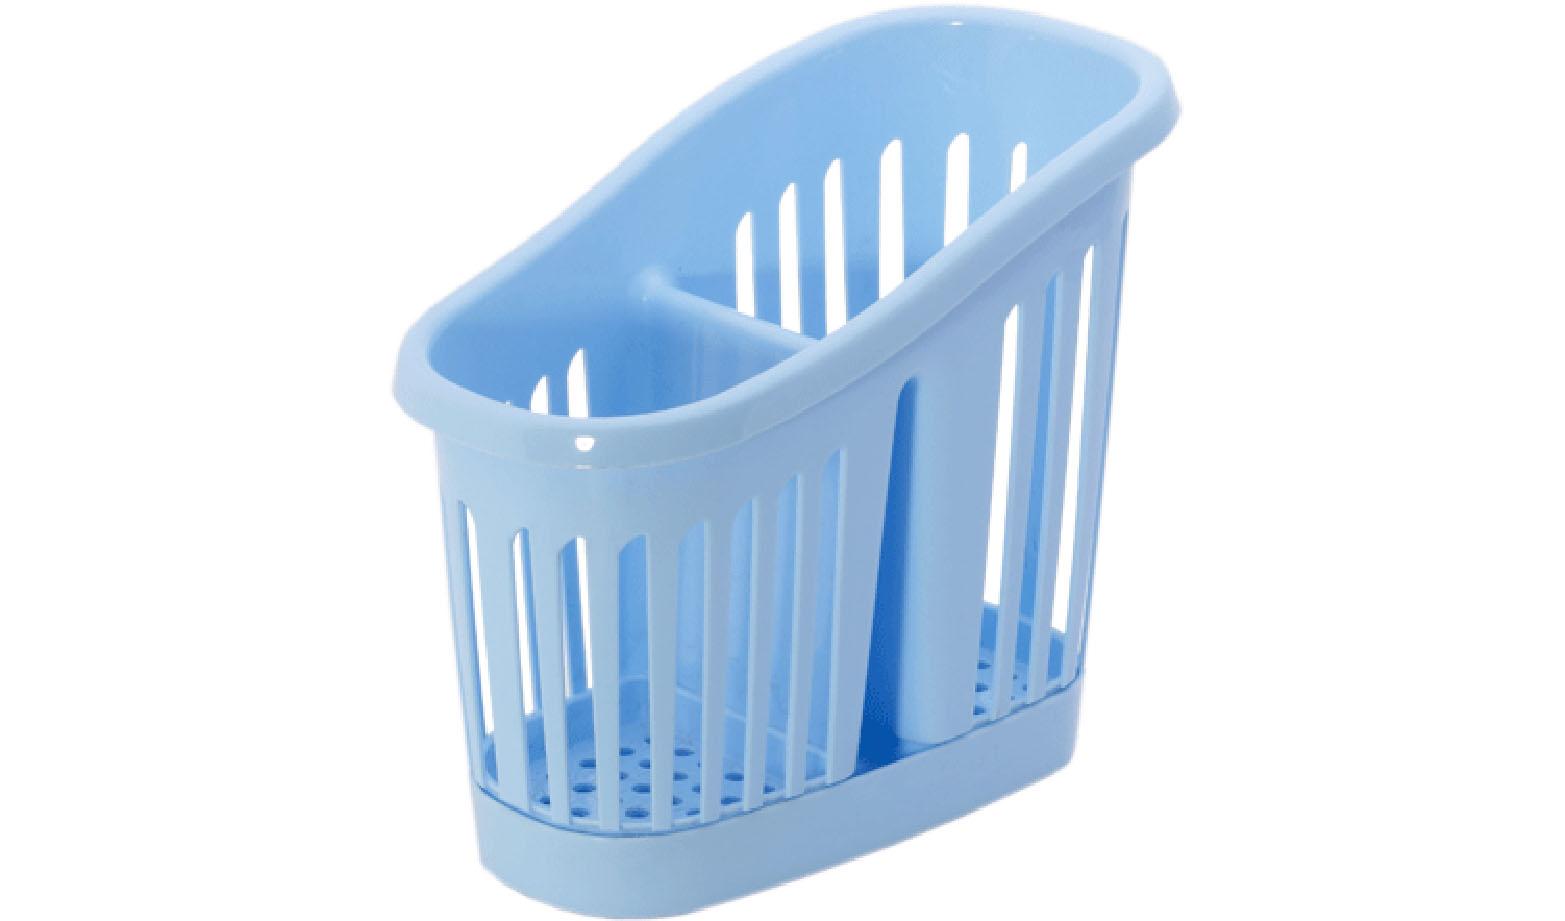 Подставка для столовых приборов Idea, цвет: голубой. М 1165FA-5125 WhiteПодставка для столовых приборов Idea, выполненная из высококачественного пластика, станет полезным приобретением для вашей кухни. Подставка имеет два отделения для разных видов столовых приборов. Дно и стенки отделений имеет перфорацию для легкого стока жидкости, которую собирает поднос. Такая подставка поможет аккуратно рассортировать все столовые приборы и тем самым поддерживать порядок на кухне.